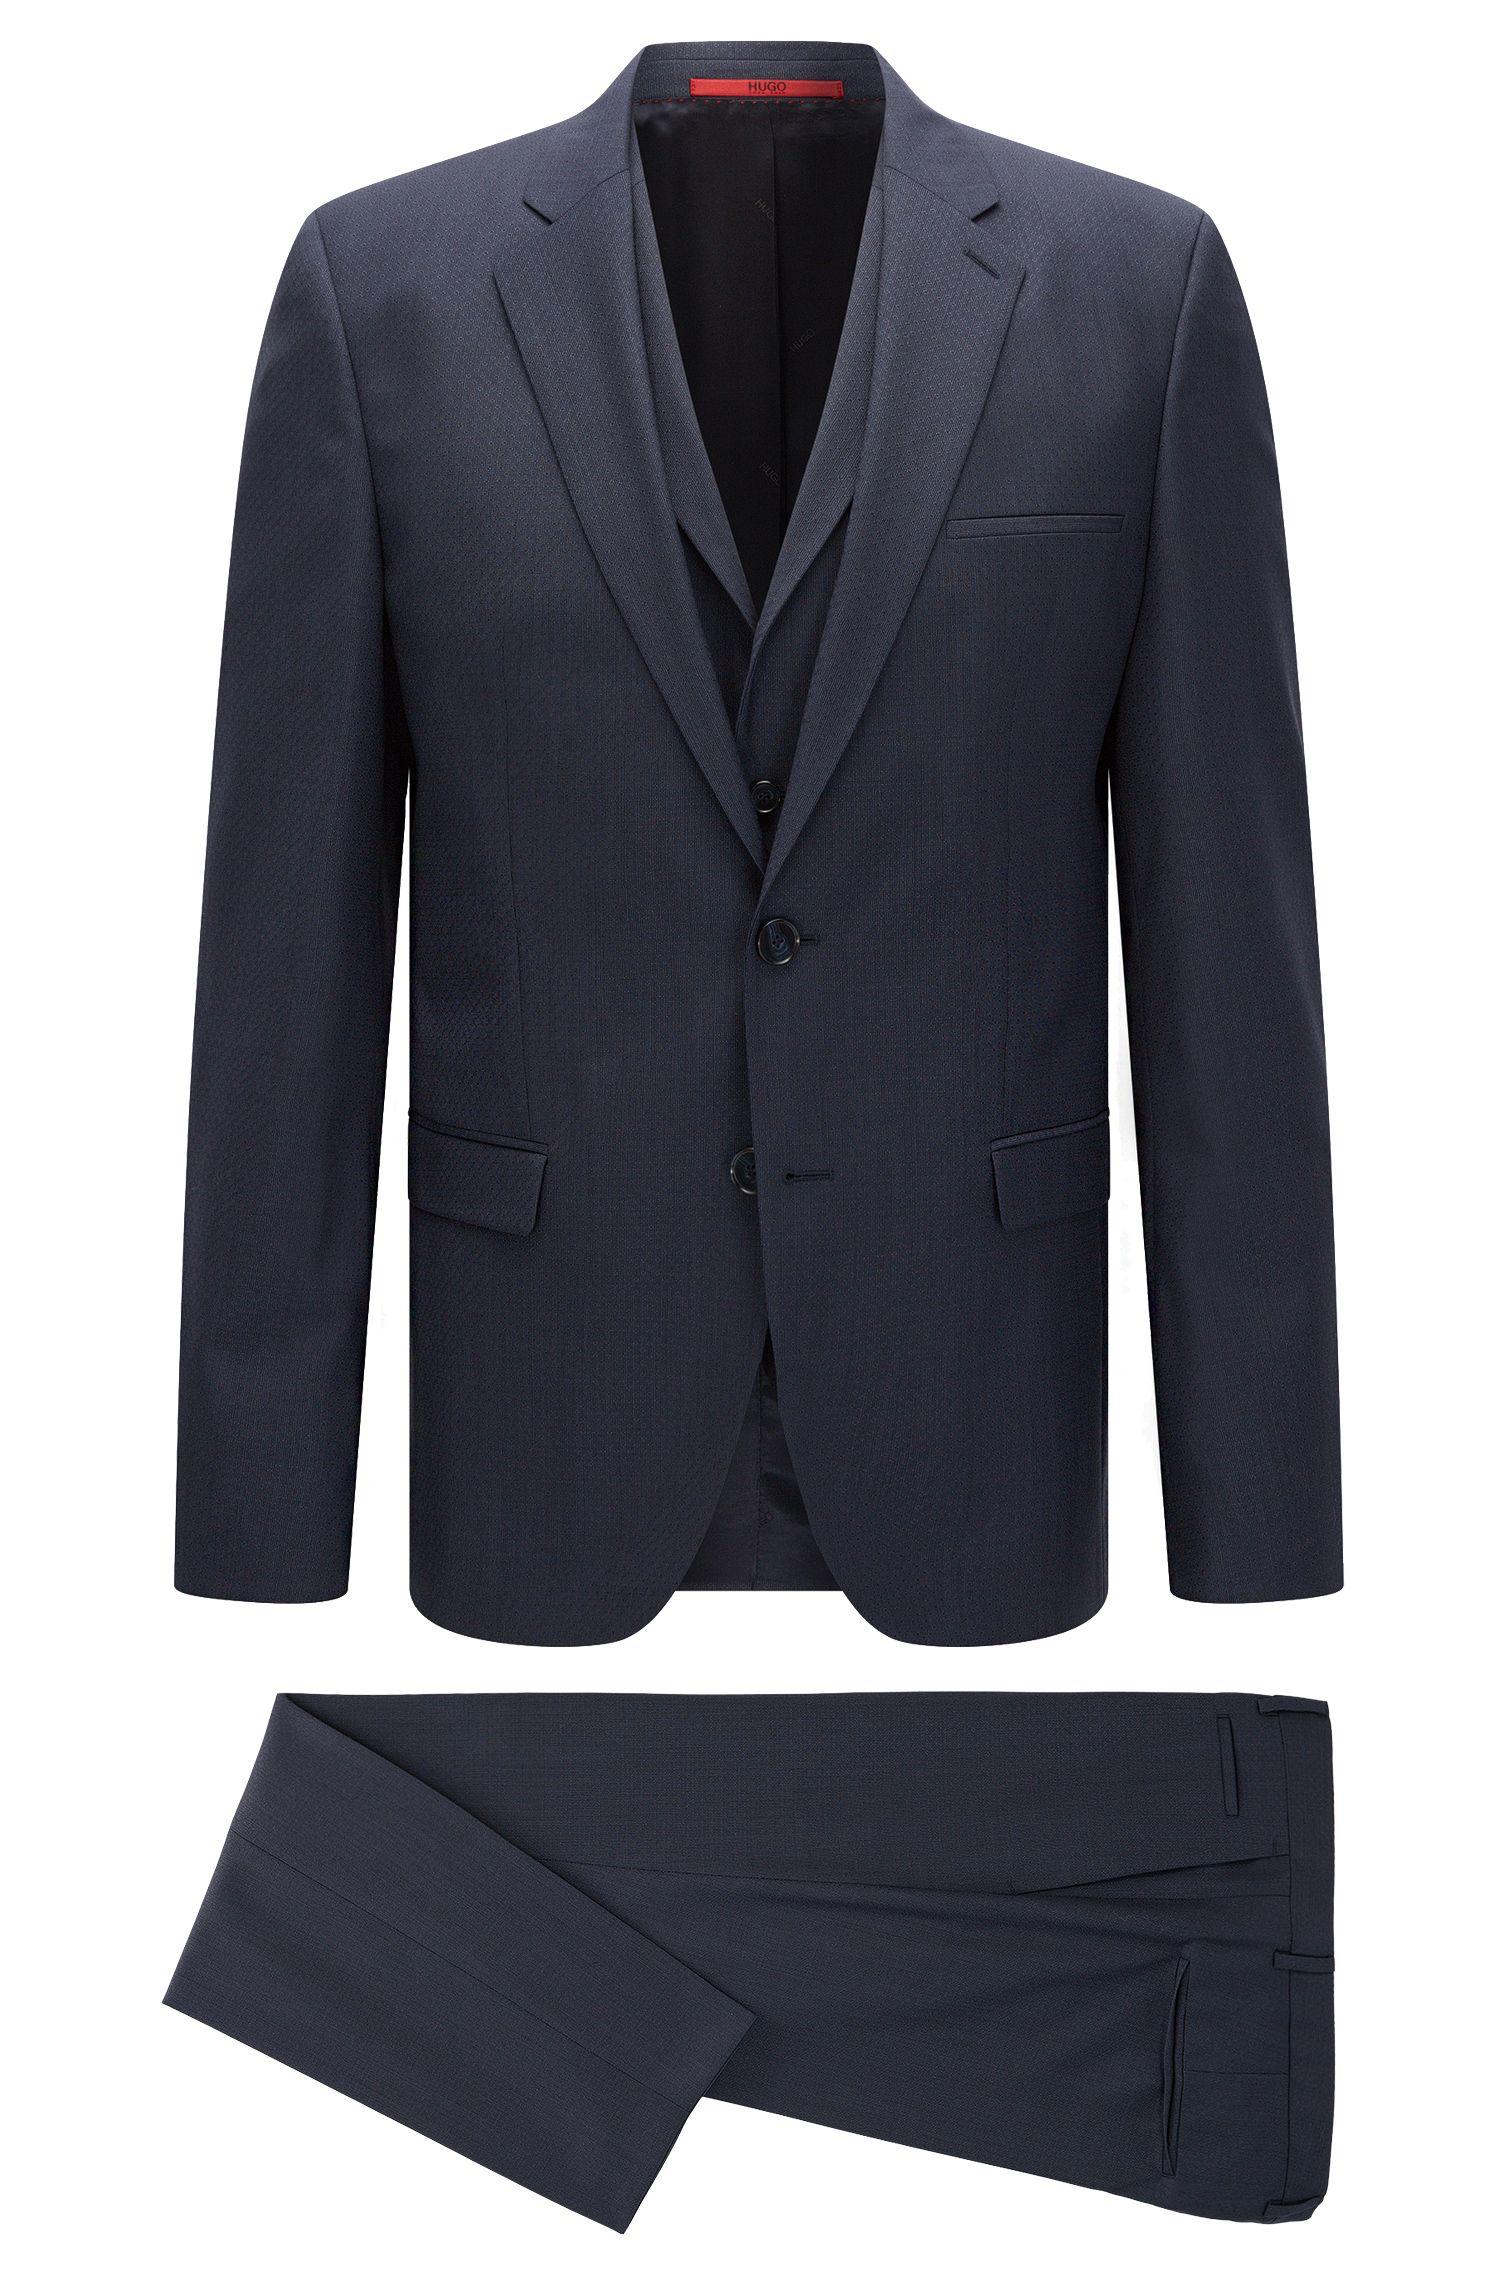 'Adlon/Wandor/Hendrin' | Extra-Slim Fit, Super 100 Virgin Wool 3-Piece Suit